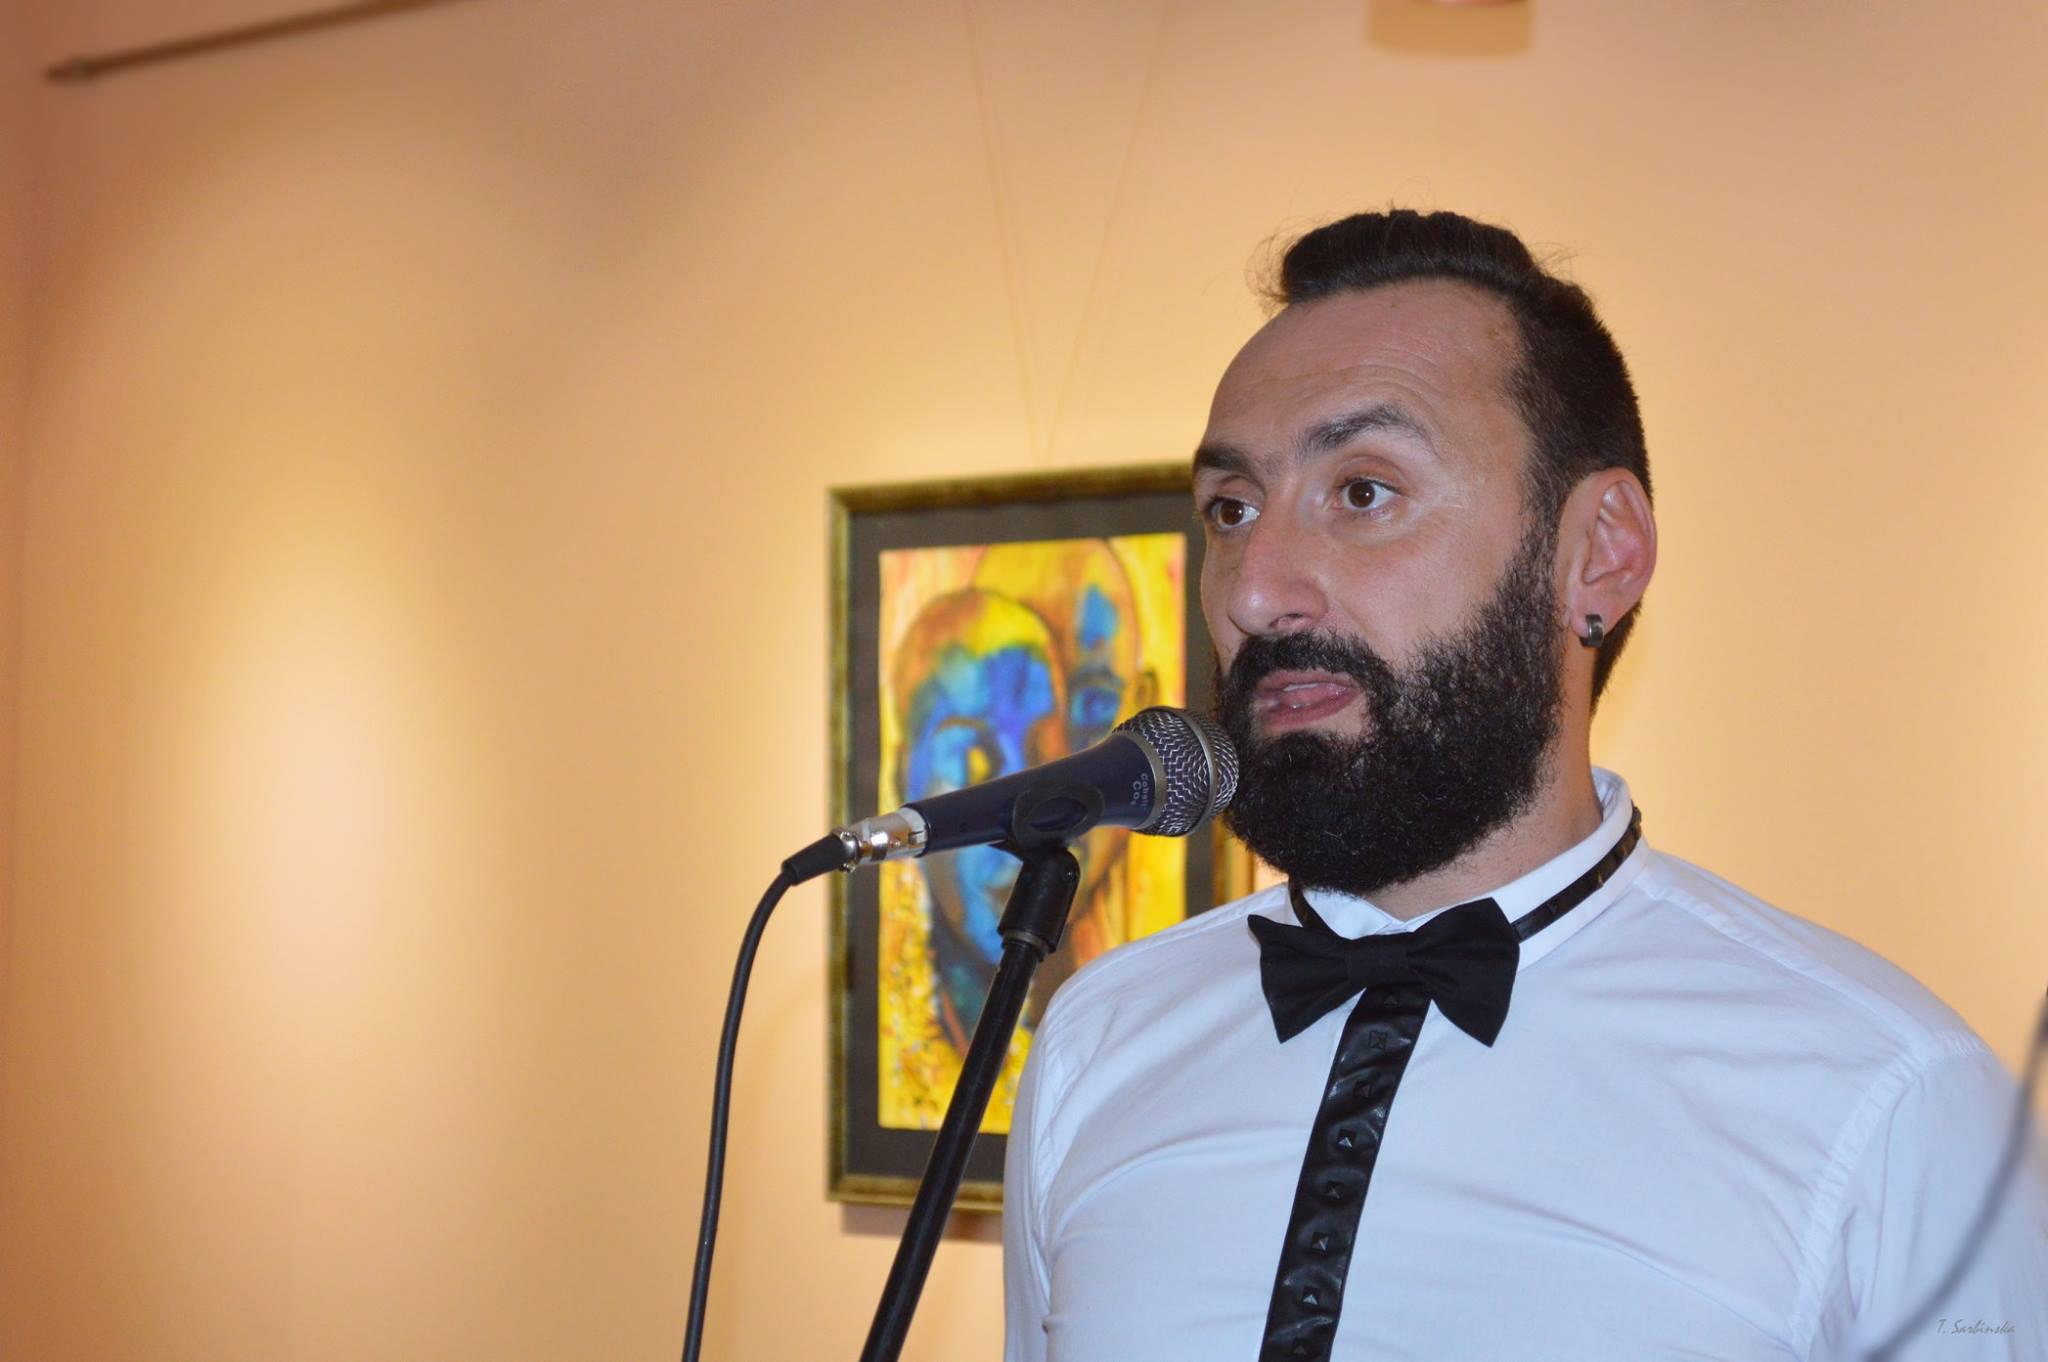 Евгени Серафимов: Кюстендилският вълшебник с четки и бои